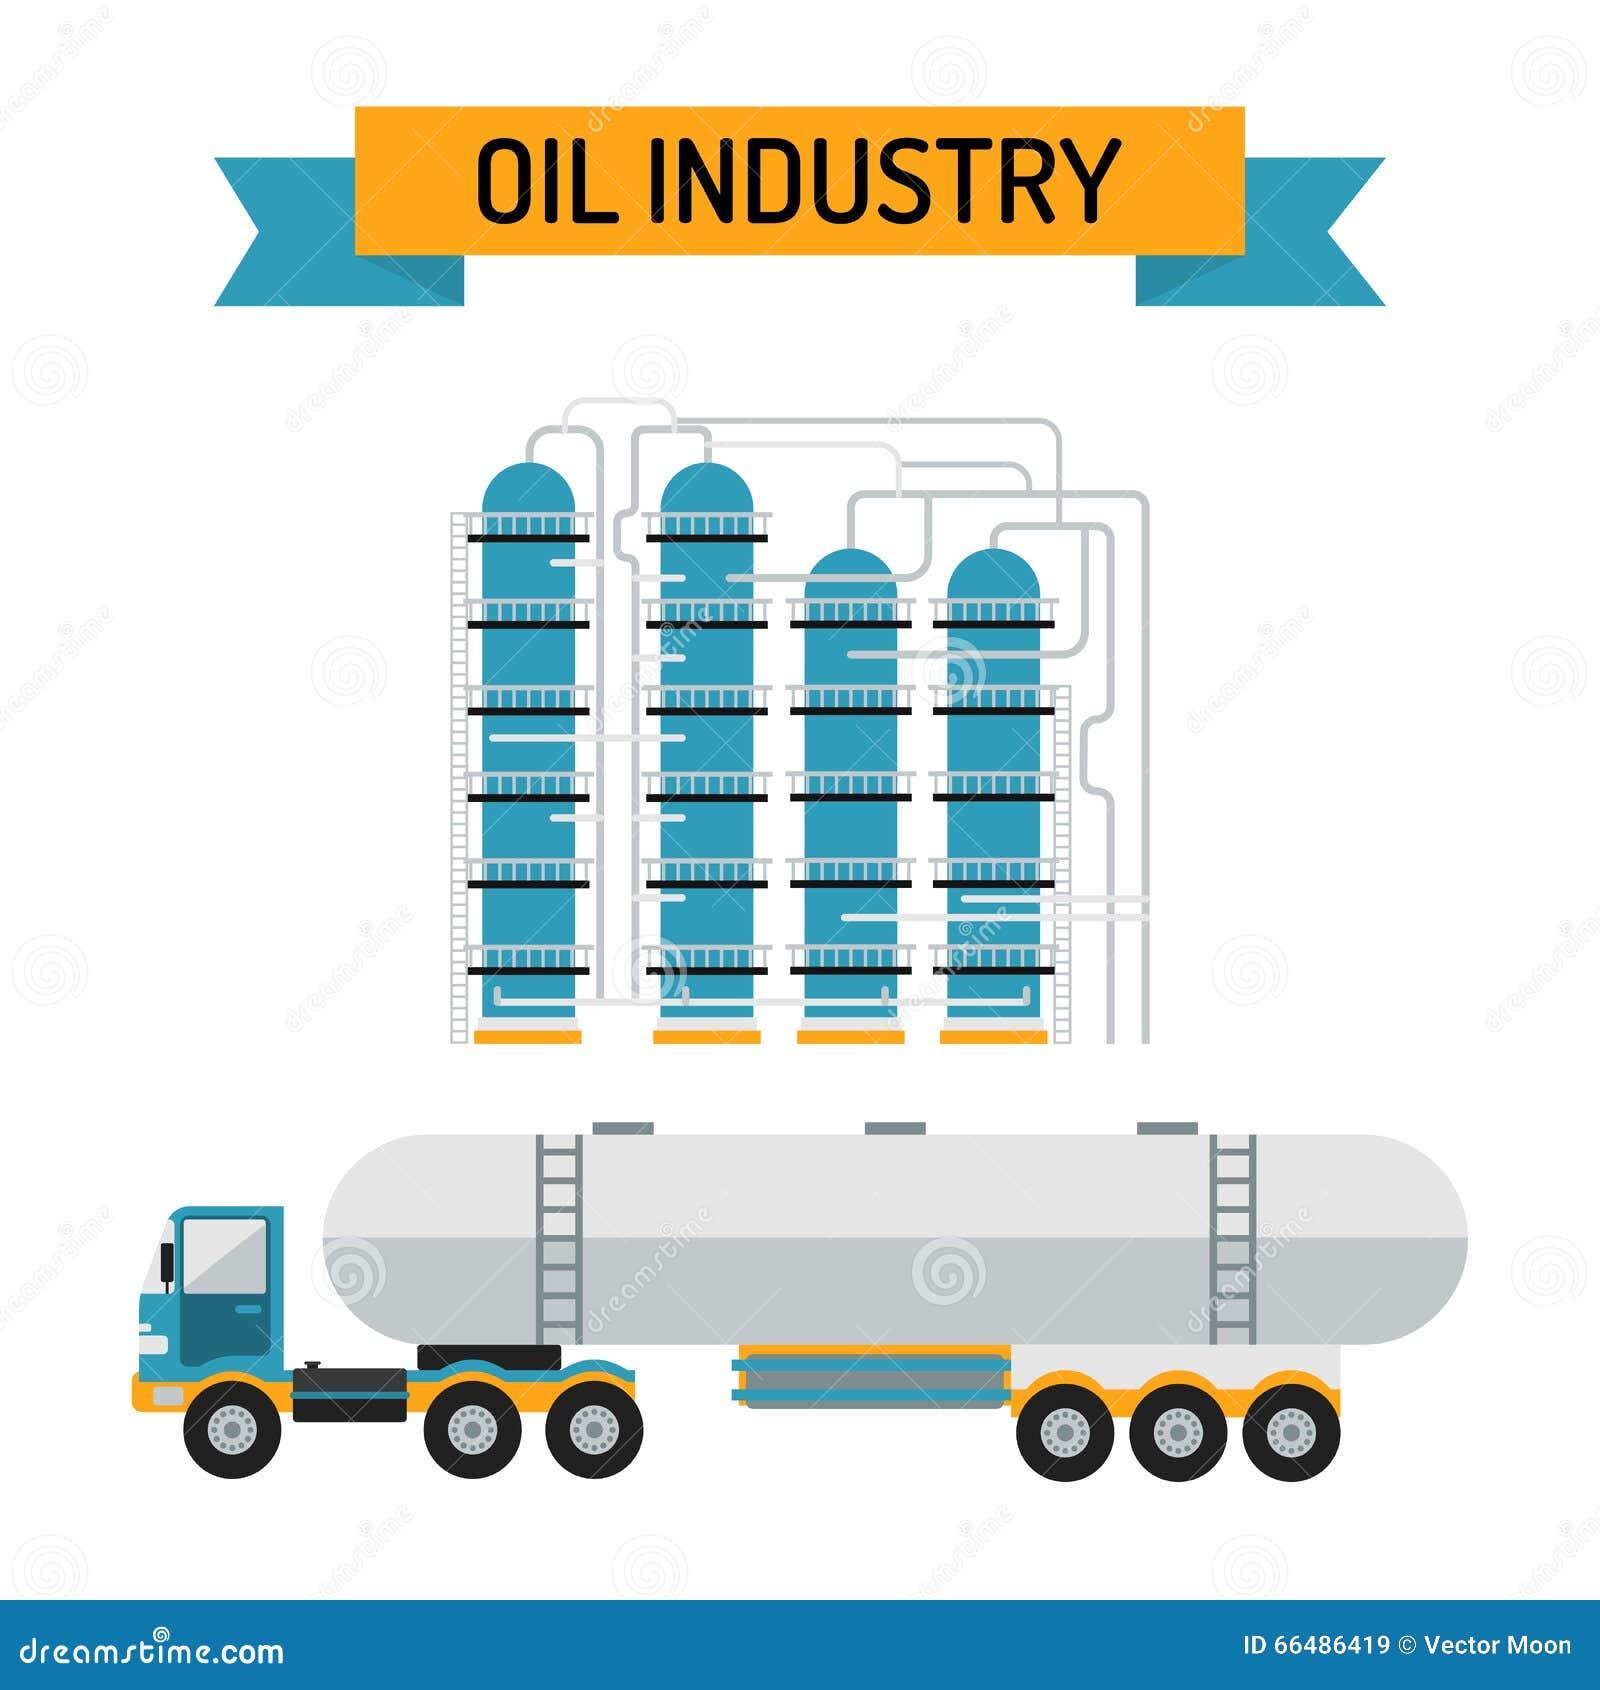 Oklahoma Energy News - Oil & Gas